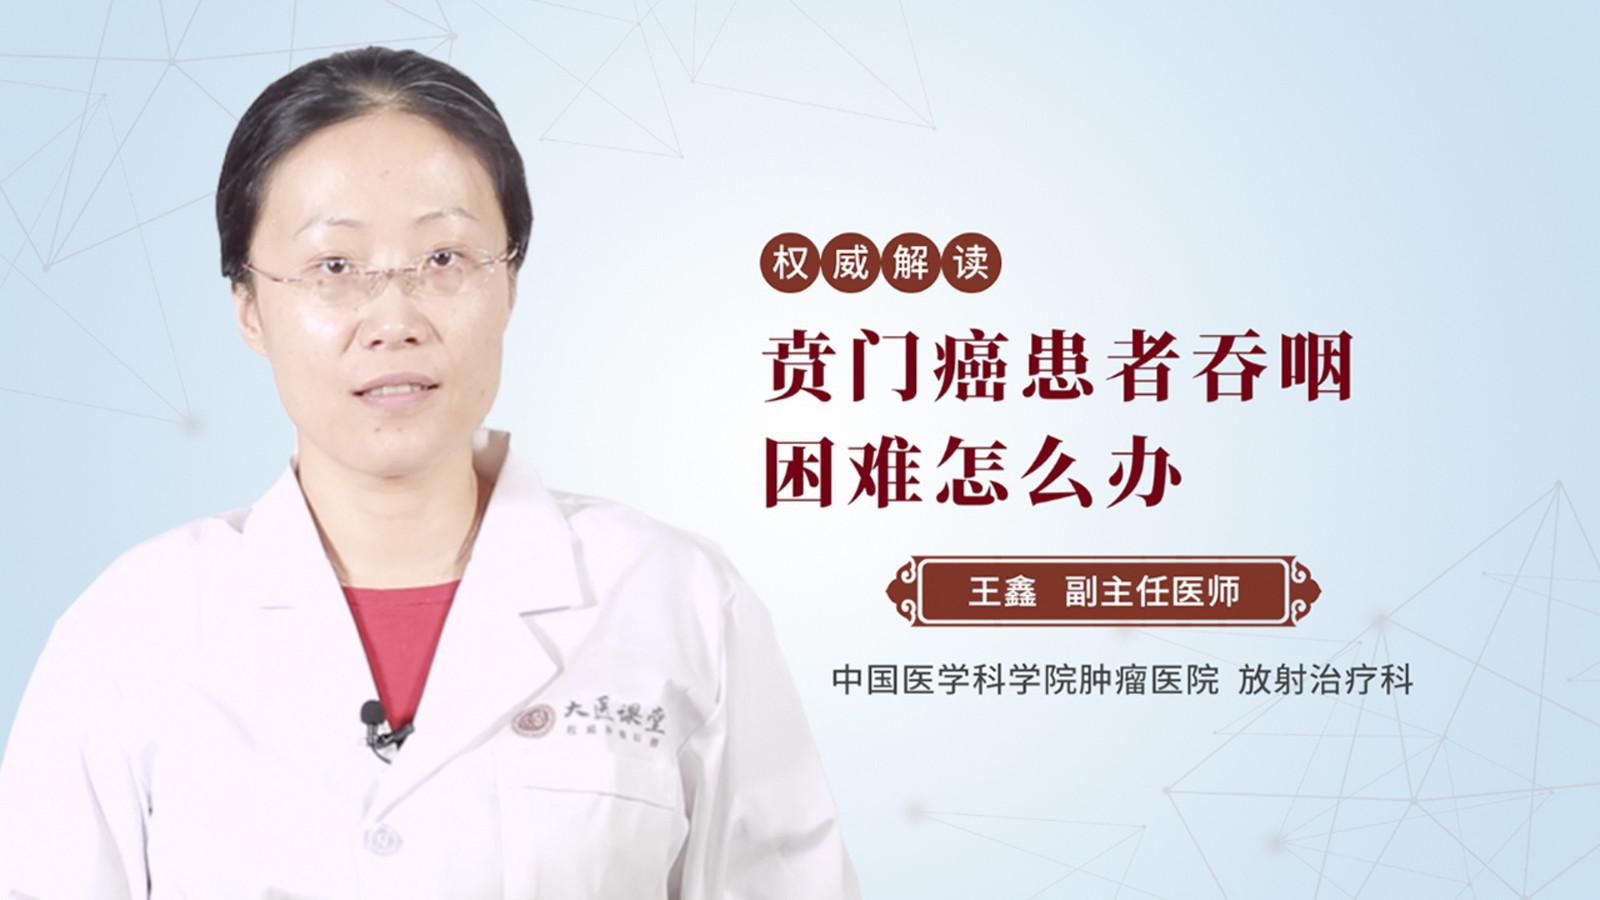 贲门癌患者吞咽困难怎么办